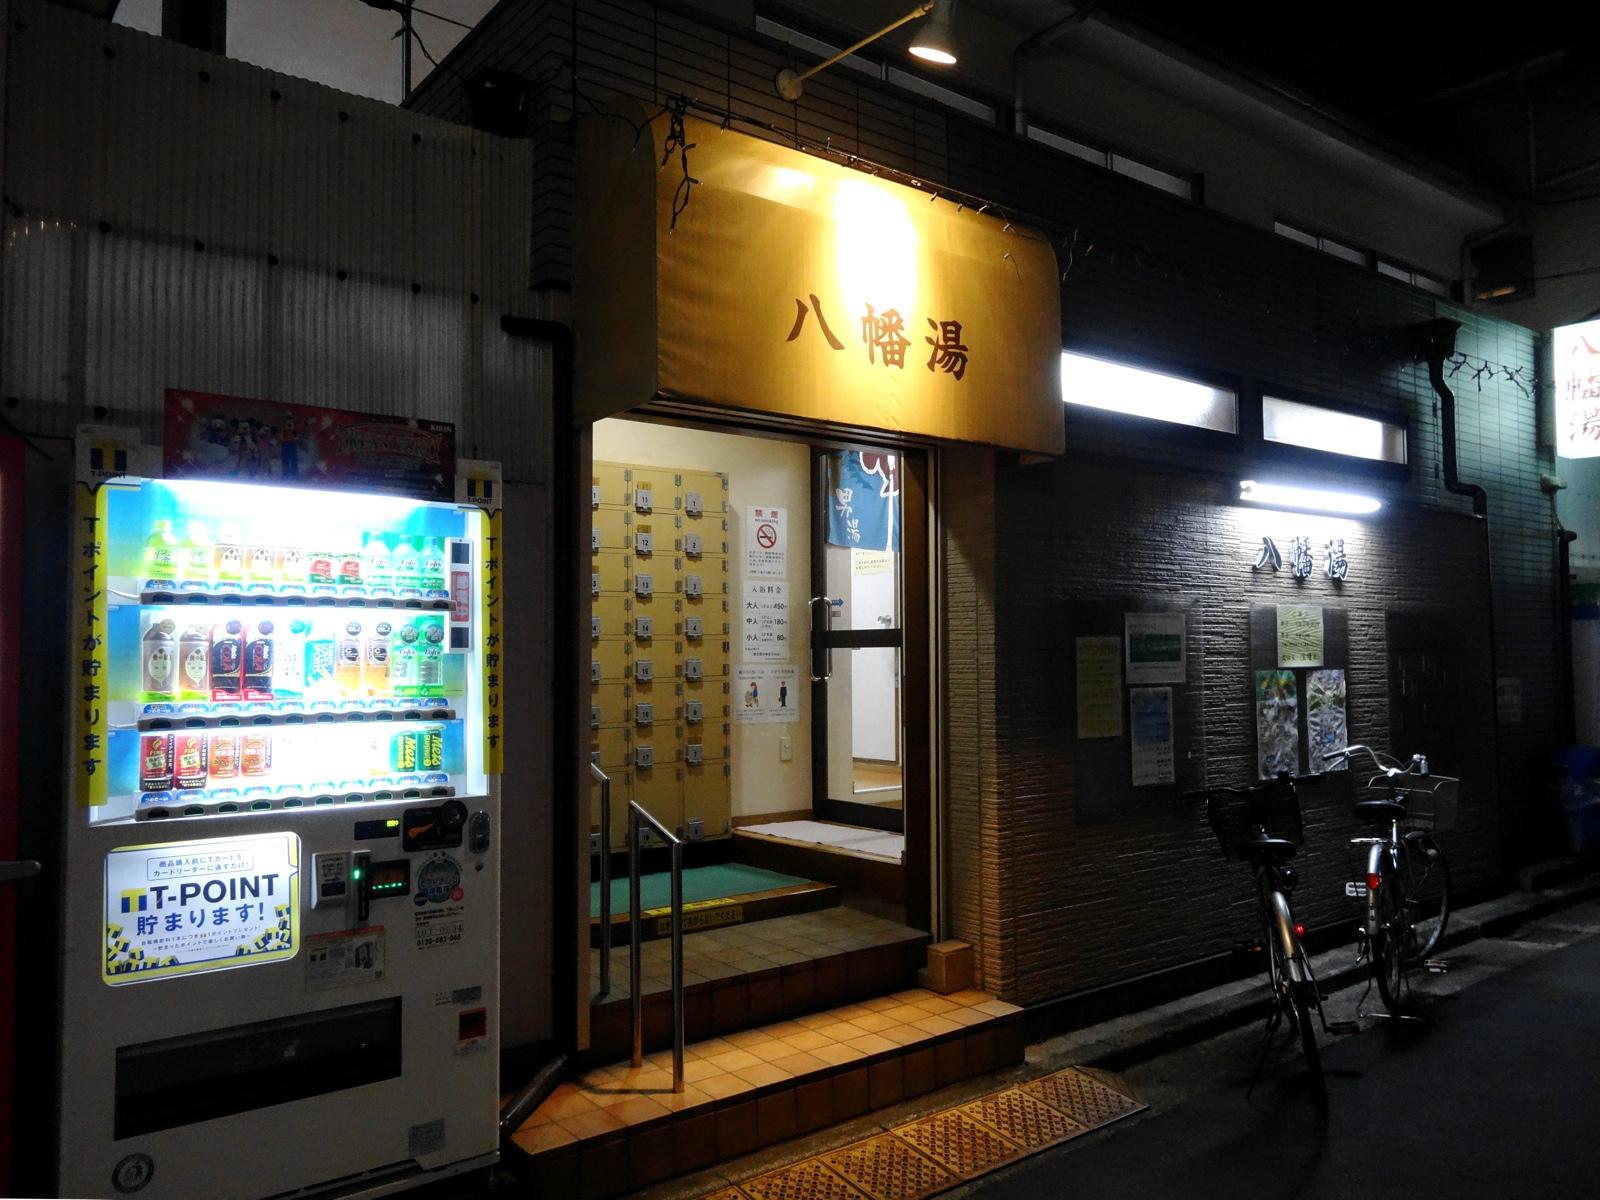 「本八幡駅」から「新宿駅」乗り換え案内 - 駅探